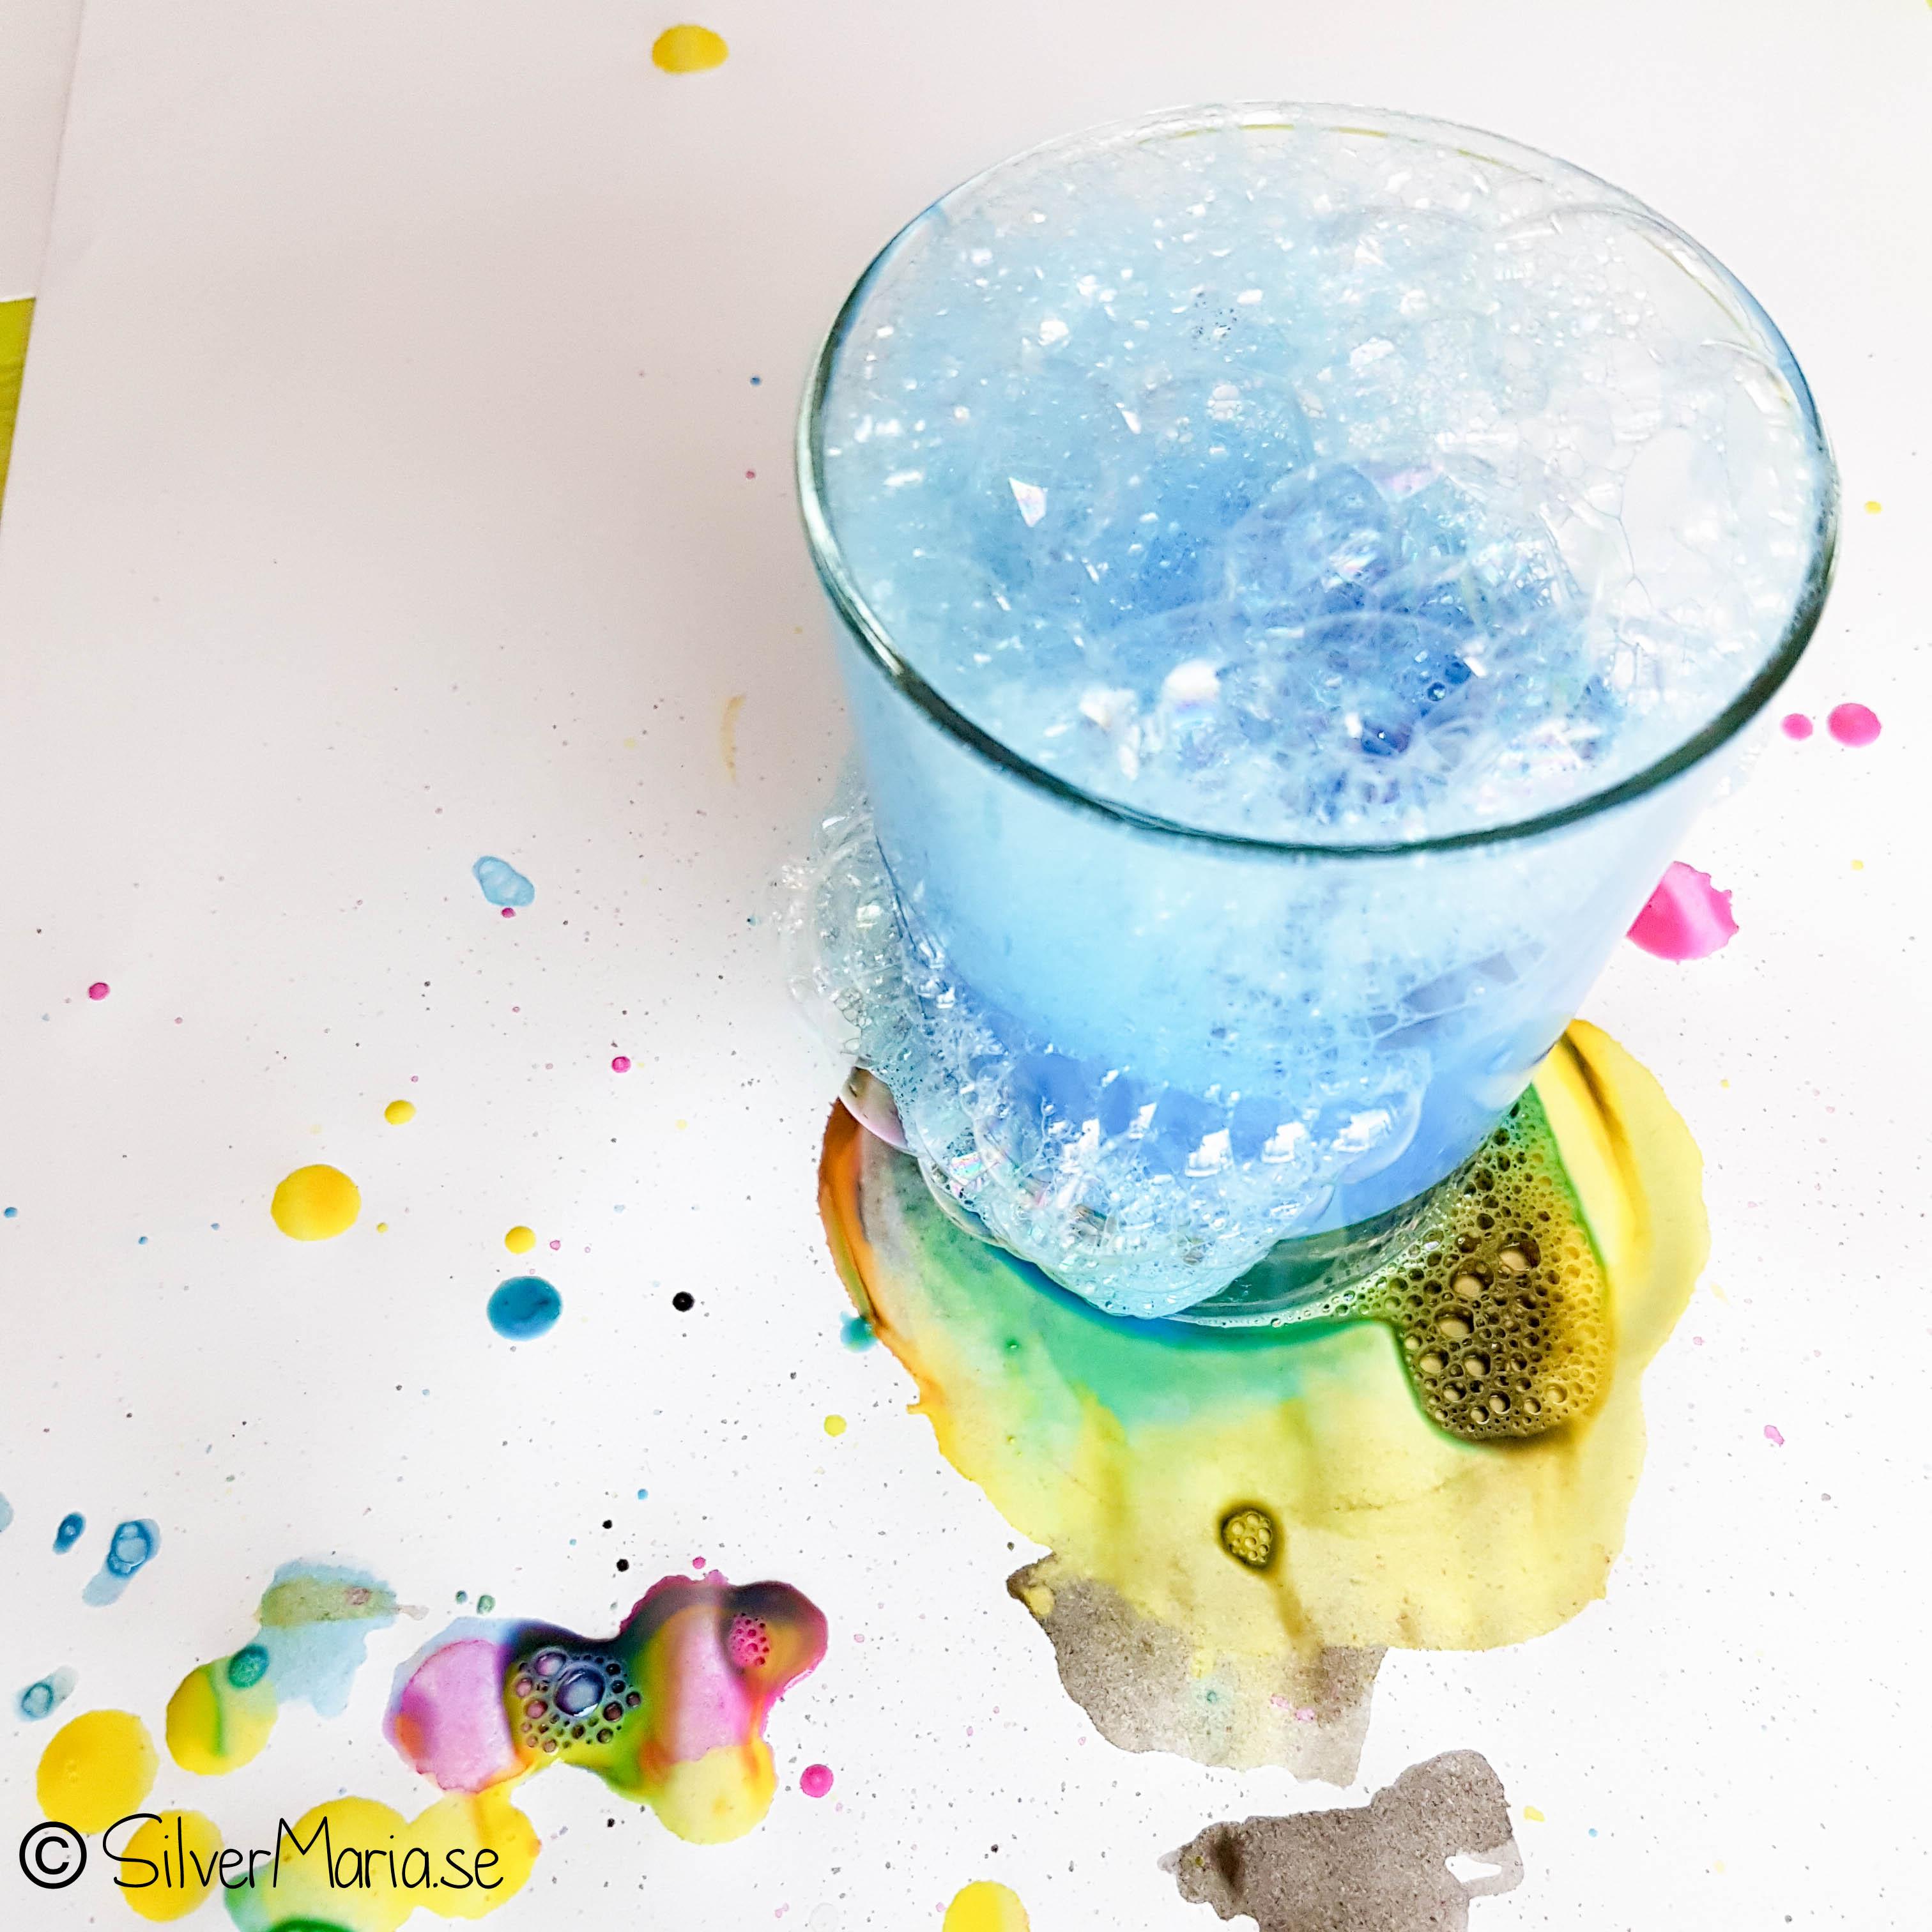 Bubbelmålning Silvermaria